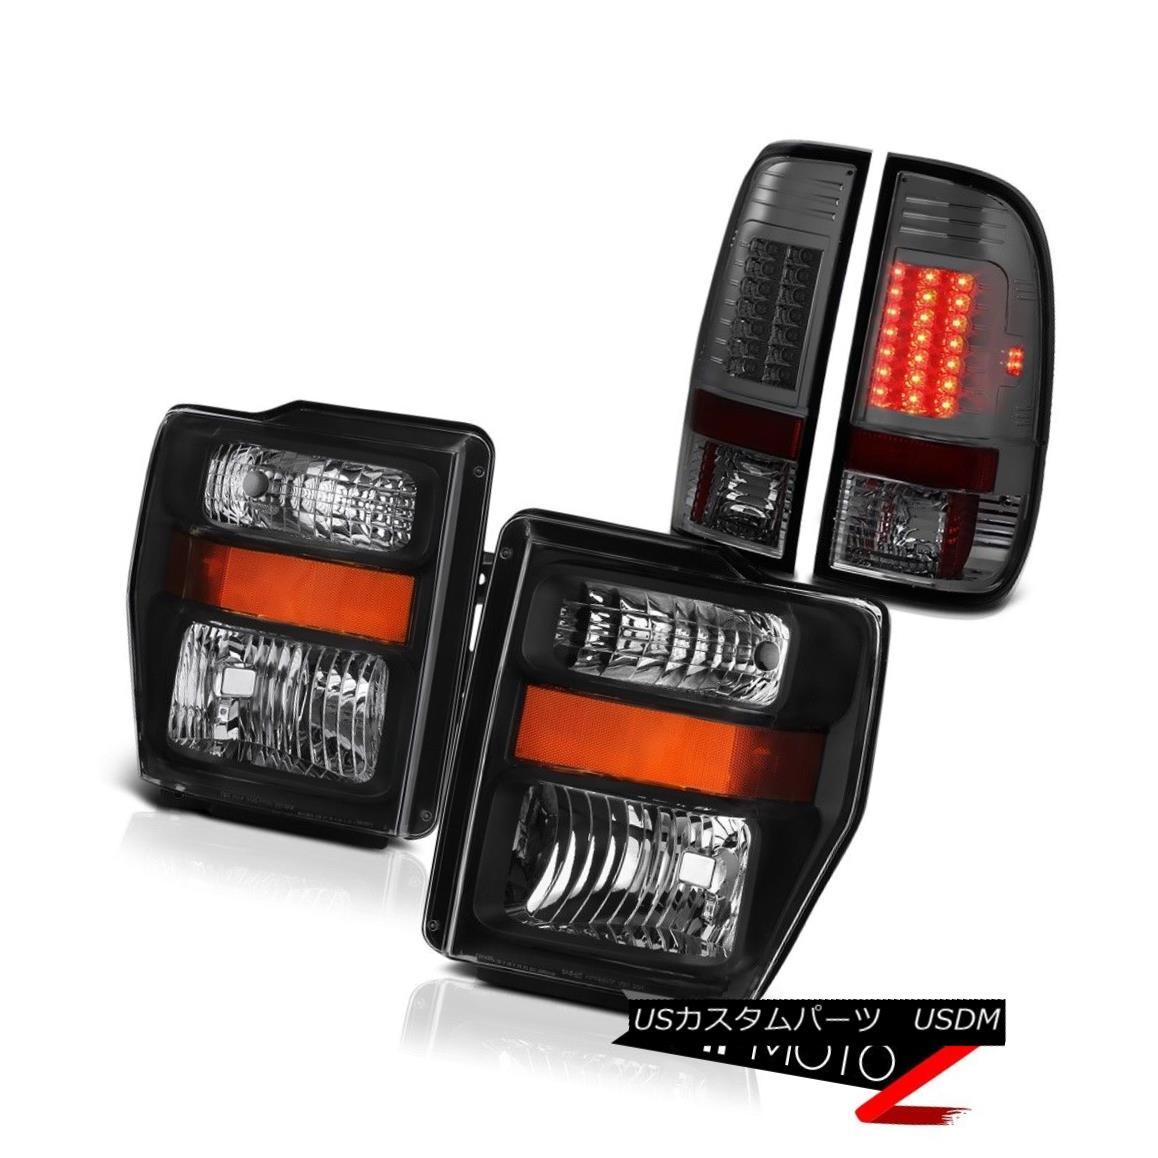 テールライト ULTRA BRIGHT 2008 2009 2010 FORD F250 F350 Black Headlight Smoke LED Tail Lights ULTRA BRIGHT 2008 2009 2010フォードF250 F350ブラックヘッドライトスモークLEDテールライト